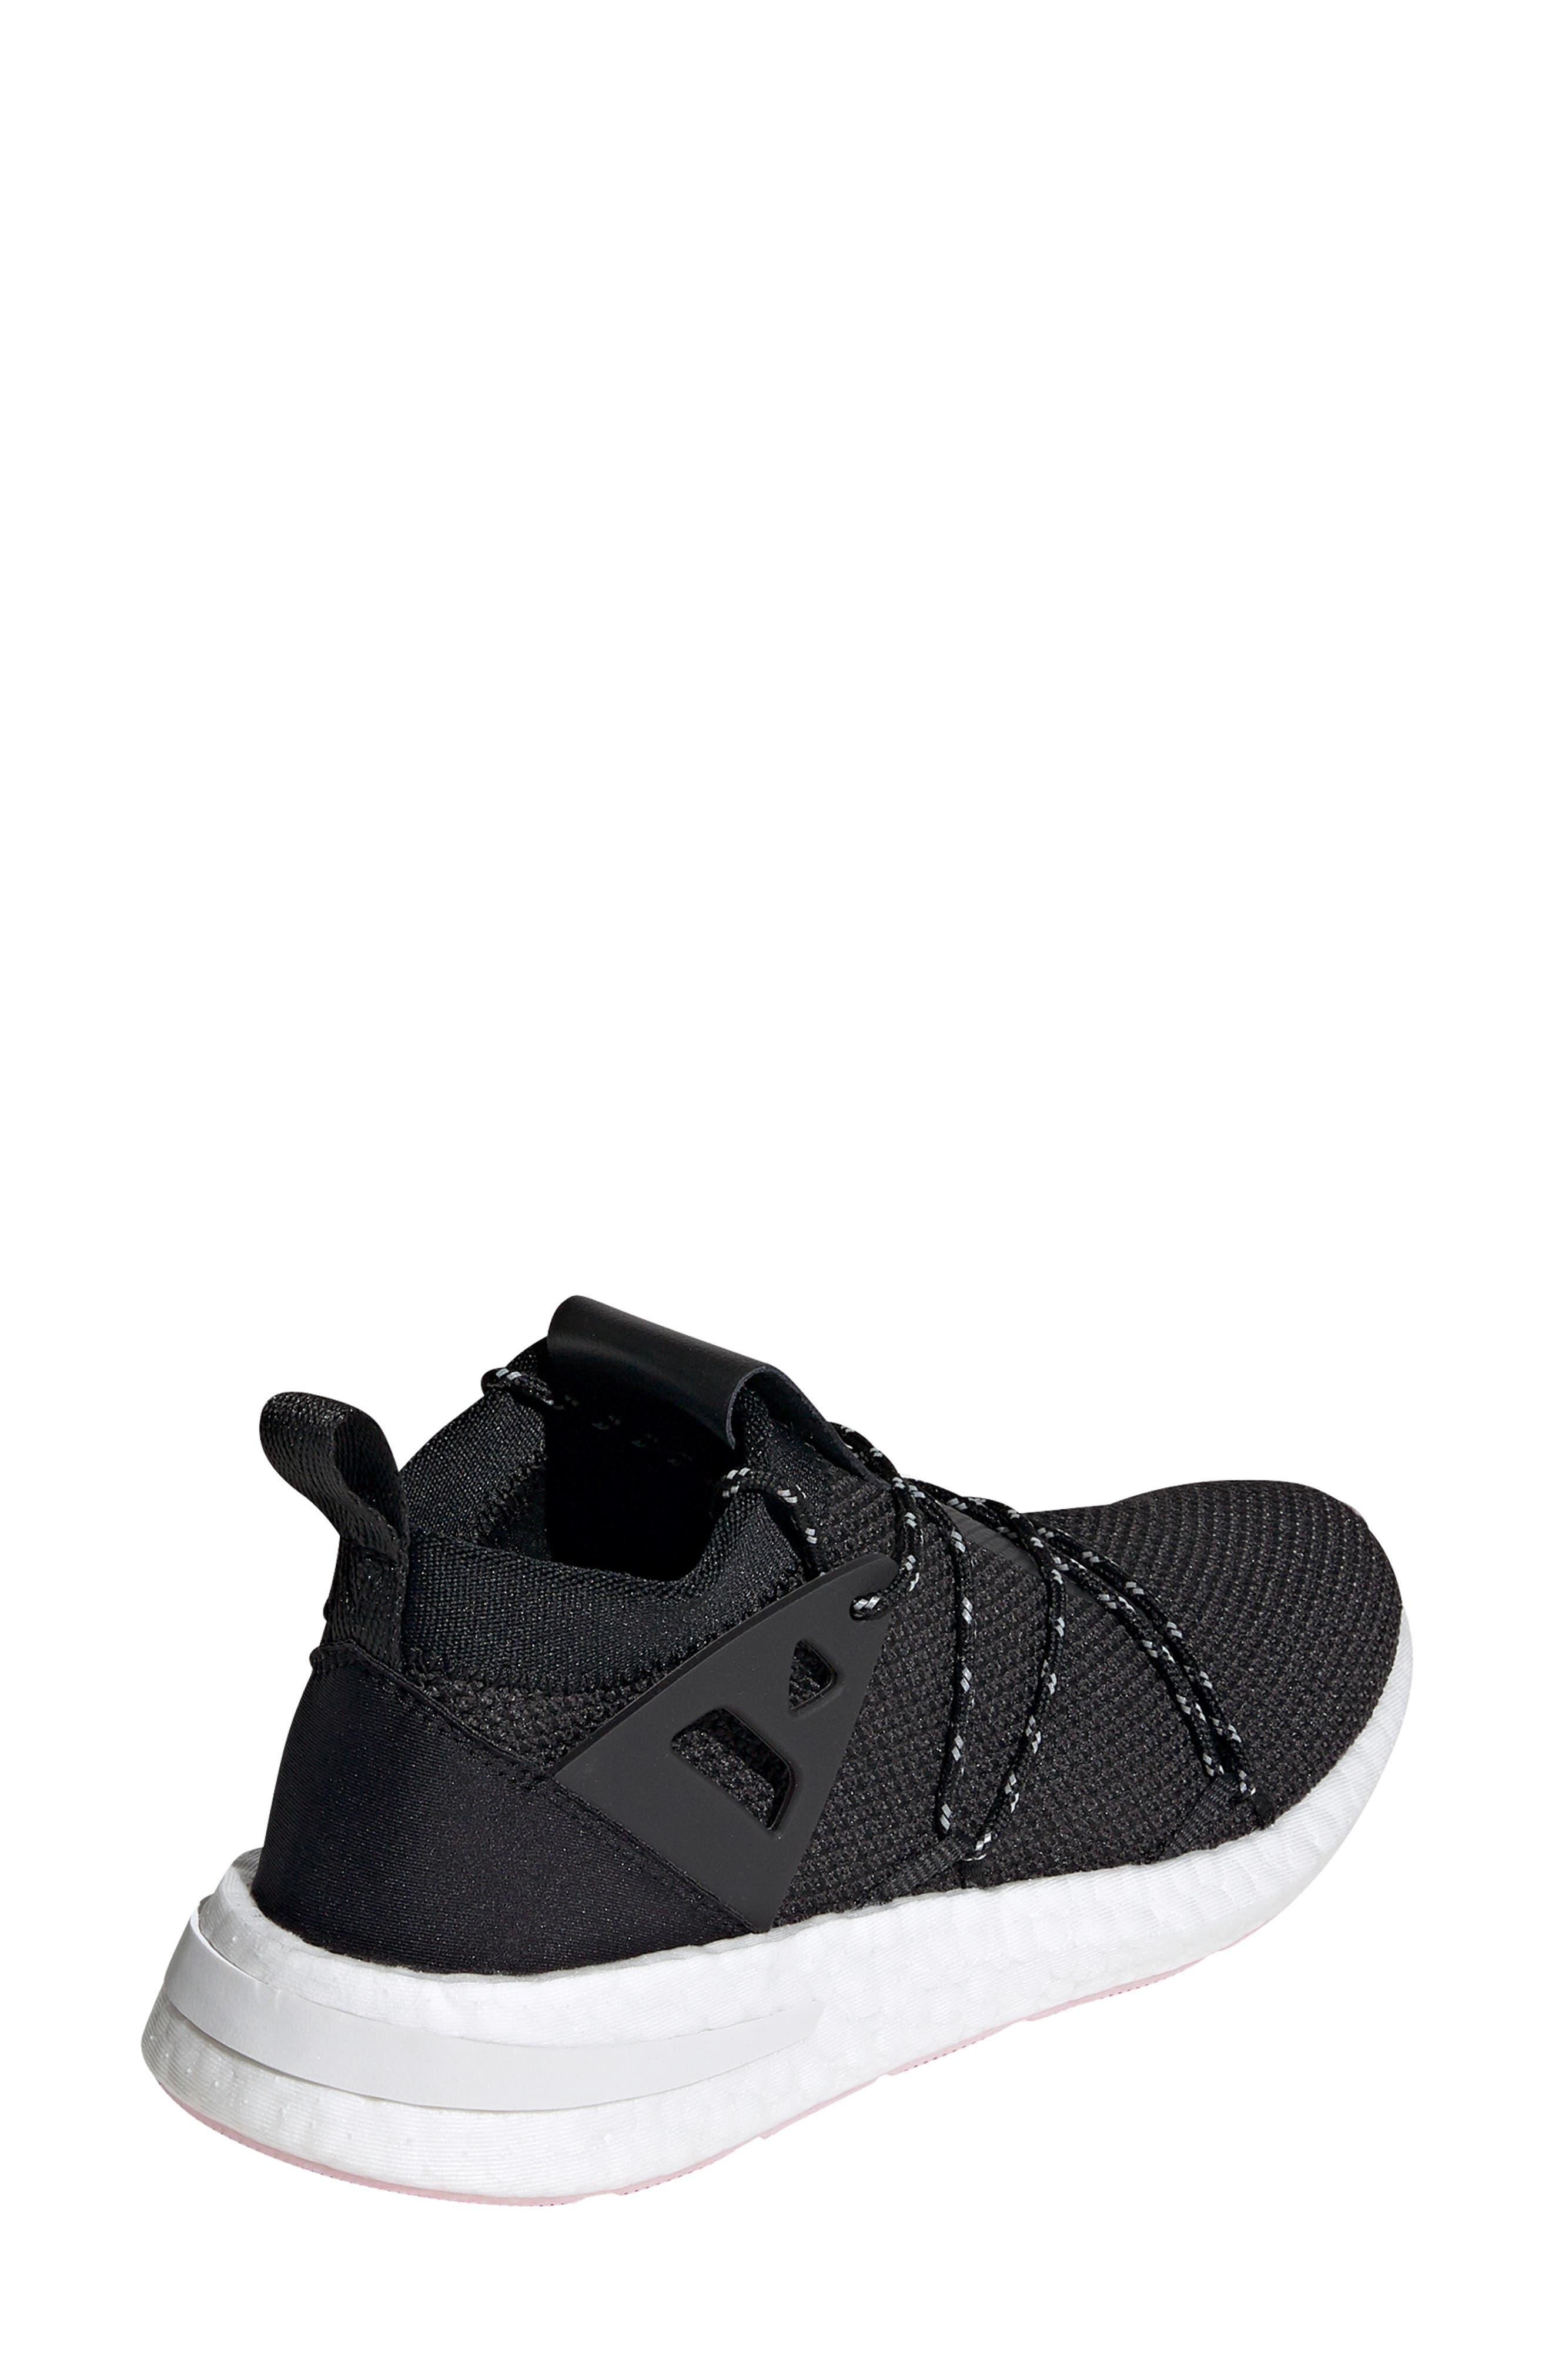 2cfa38c5cd Women s Adidas Shoes